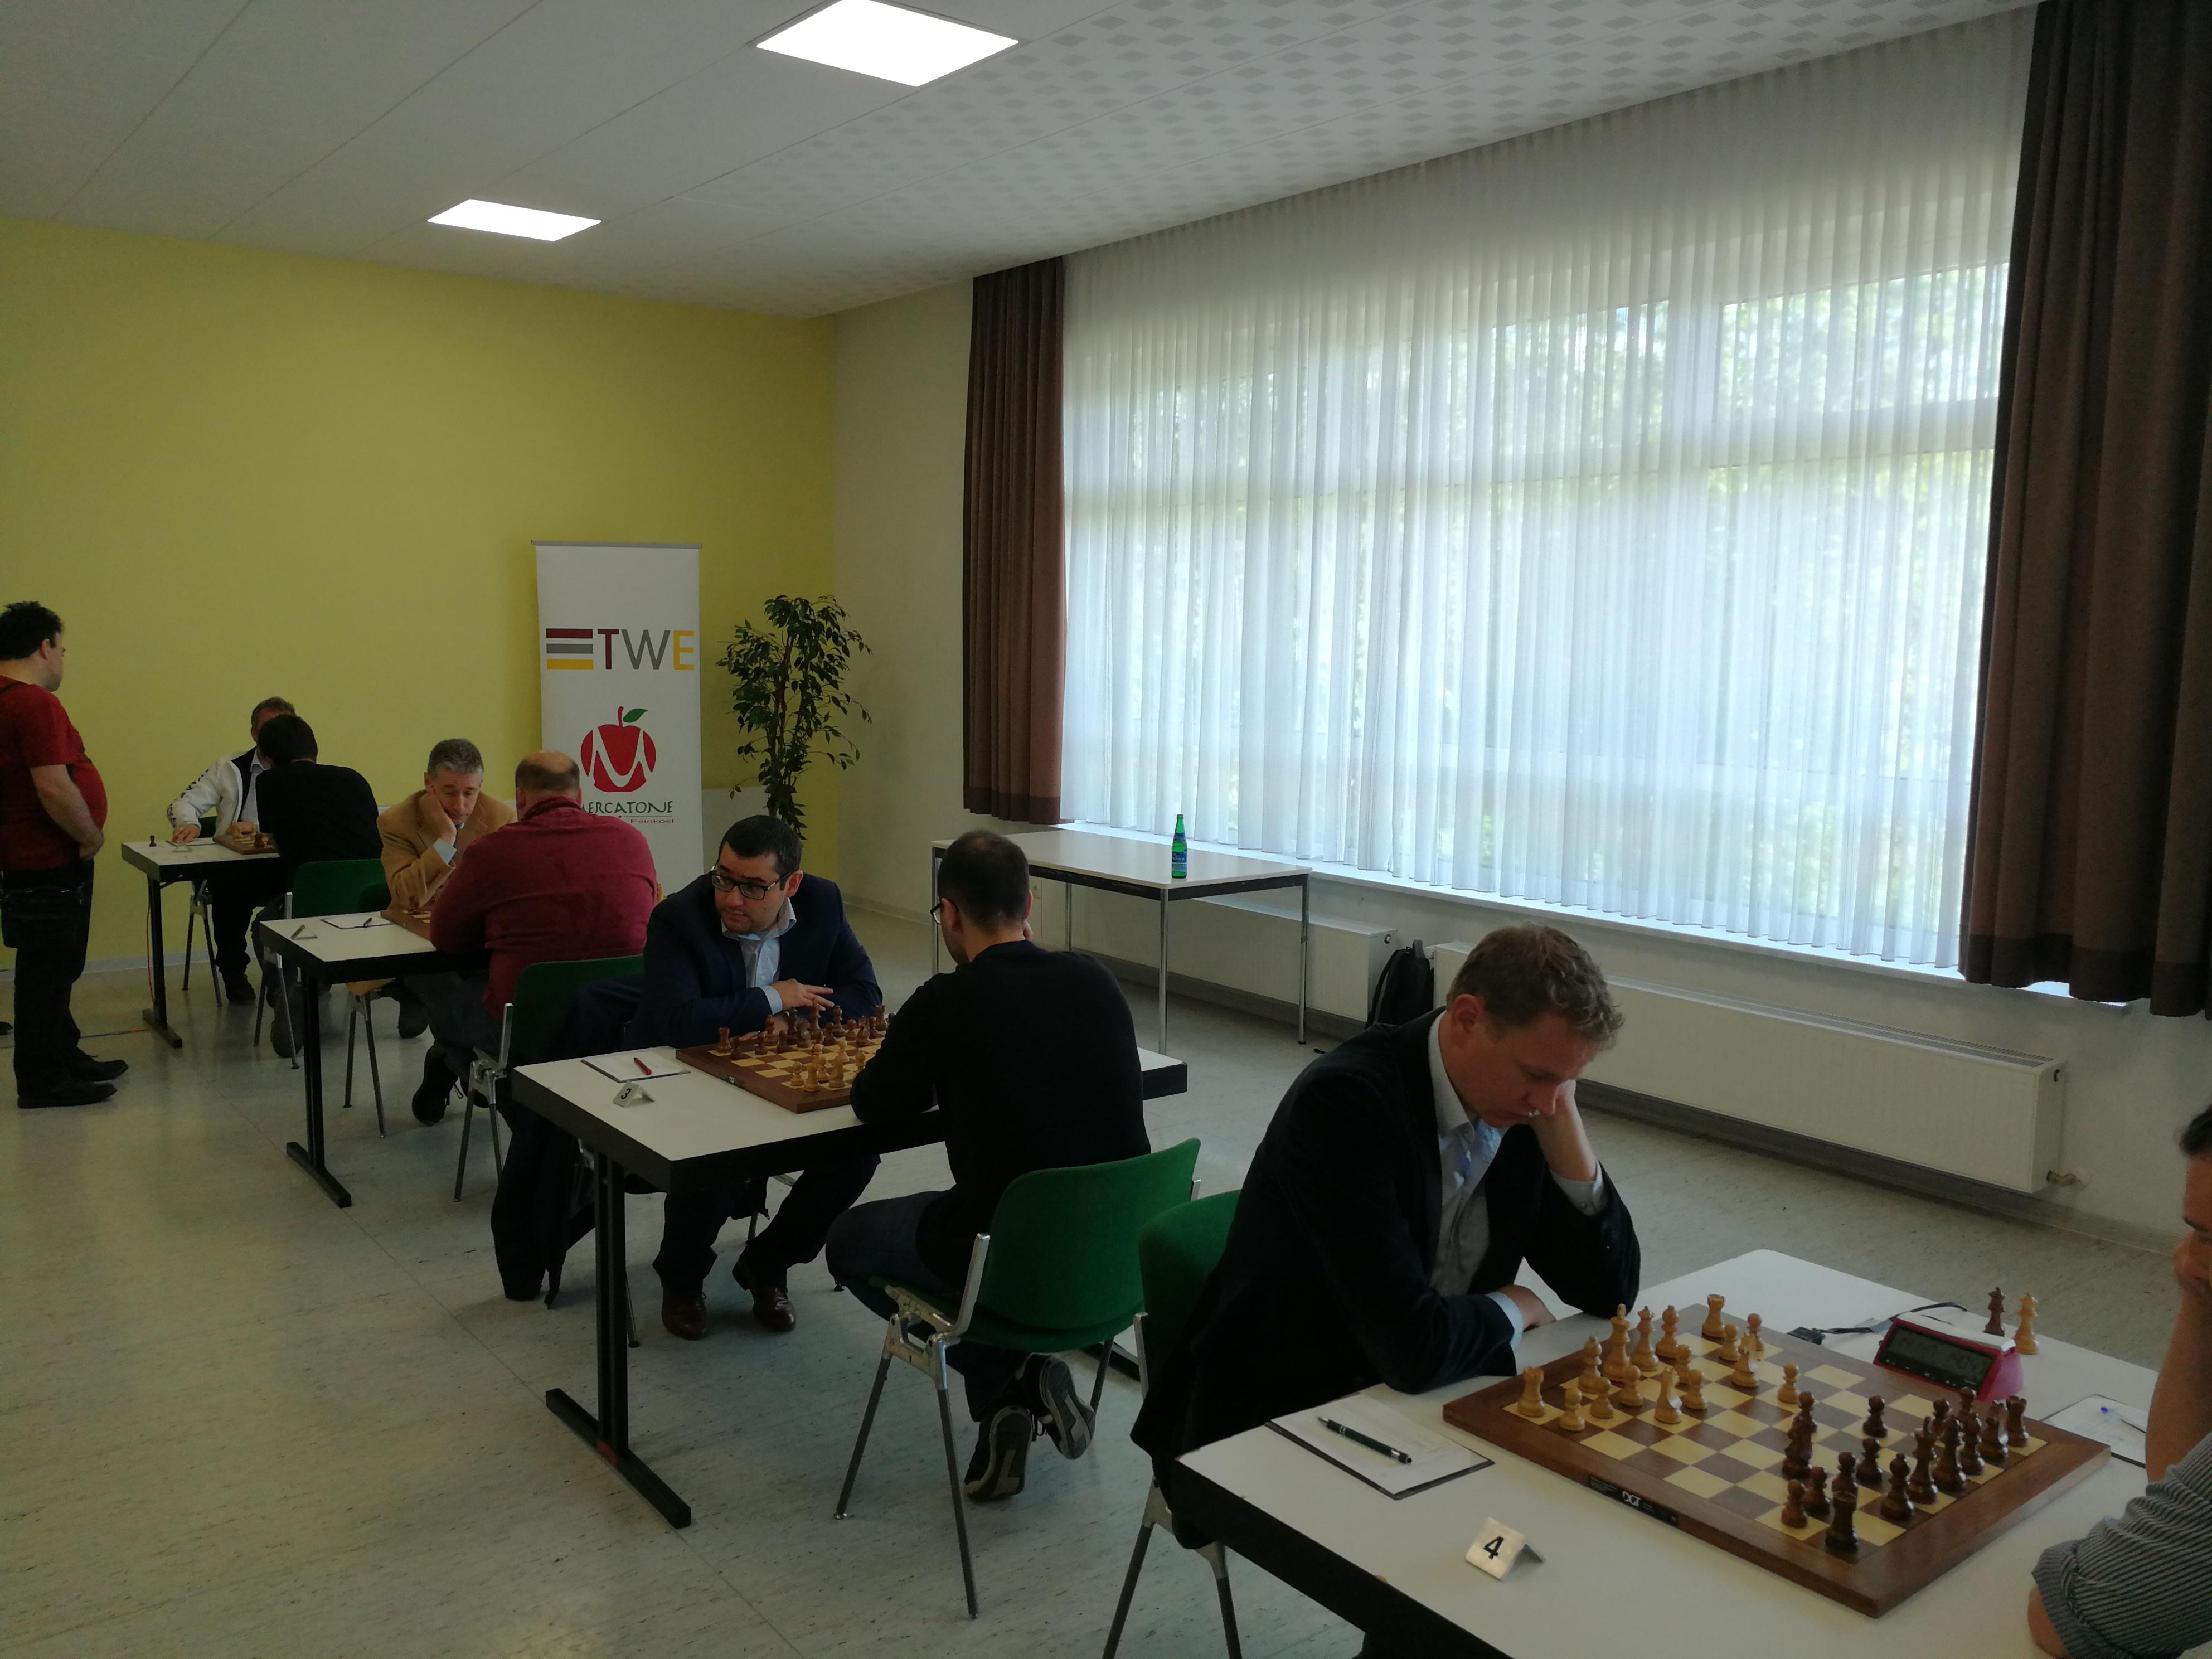 Halbfinale Baden Baden-Greifswald